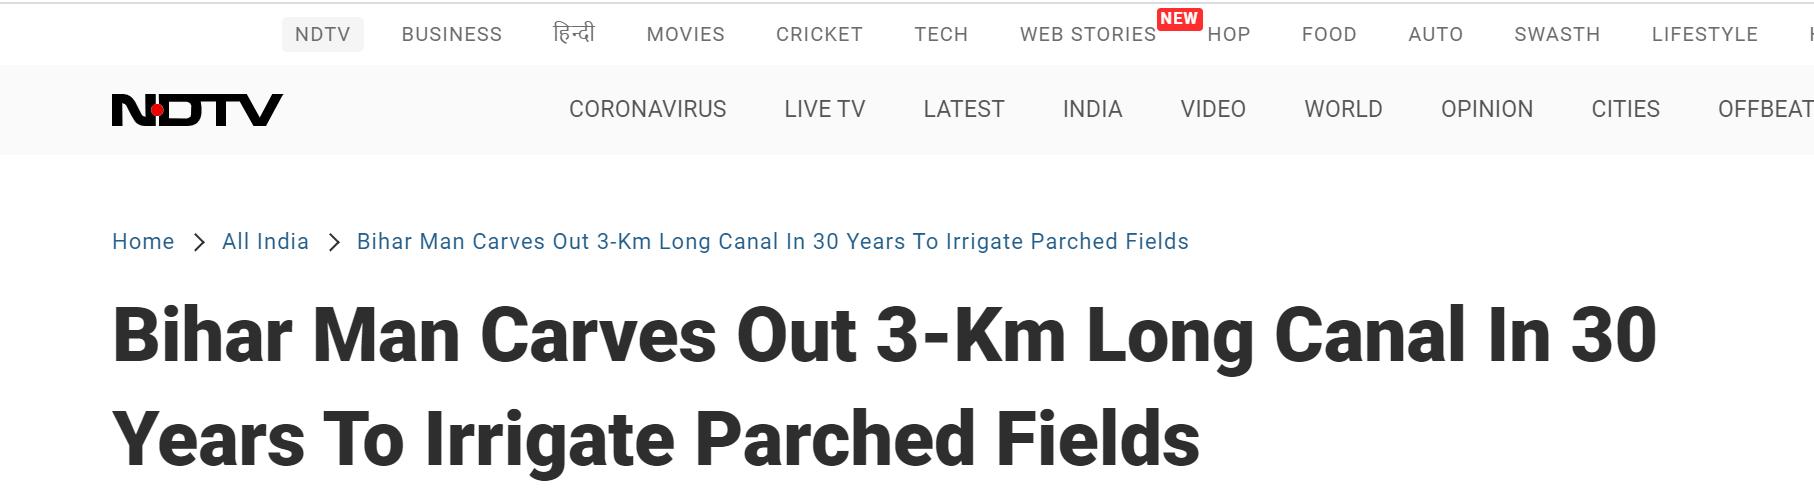 环球ug注册:惠及全村!印度男子花30年挖3公里长水渠,从山上引水到村里